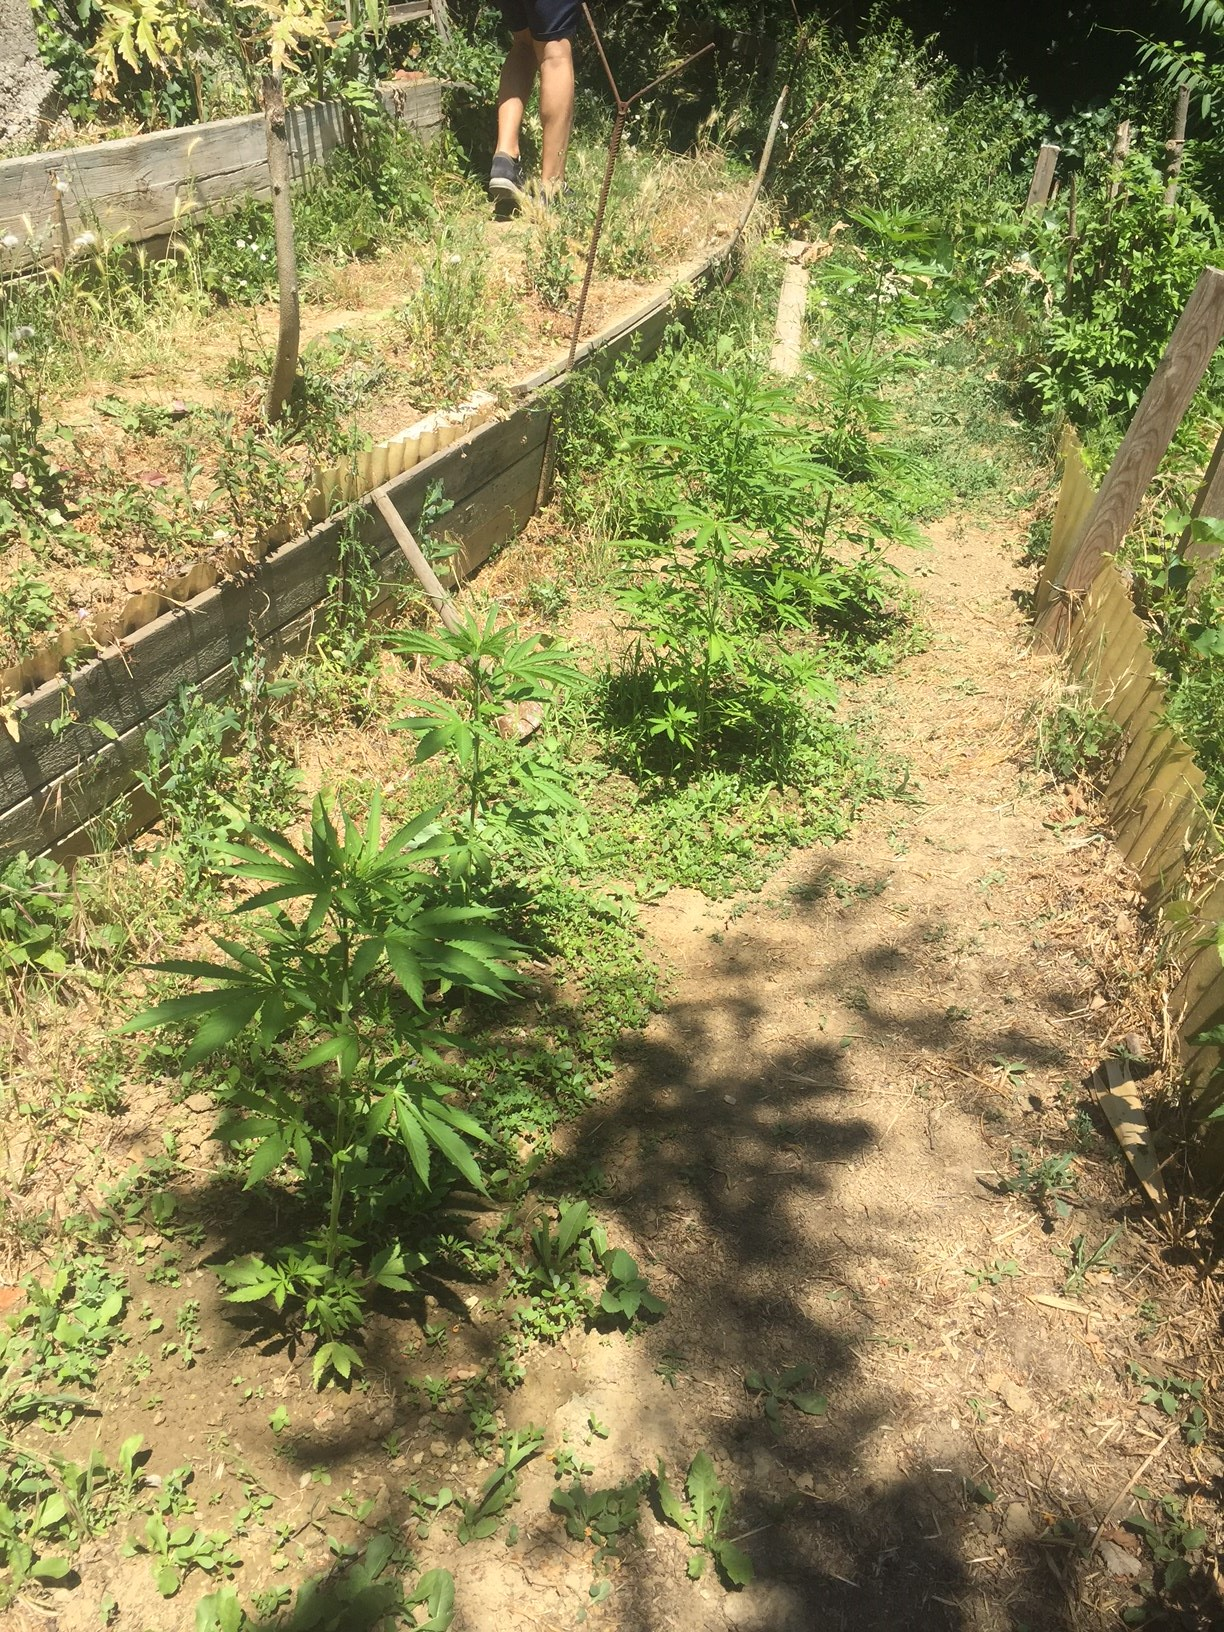 In giardino nove piante di marijuana alte mezzo metro - Piante alte da giardino ...